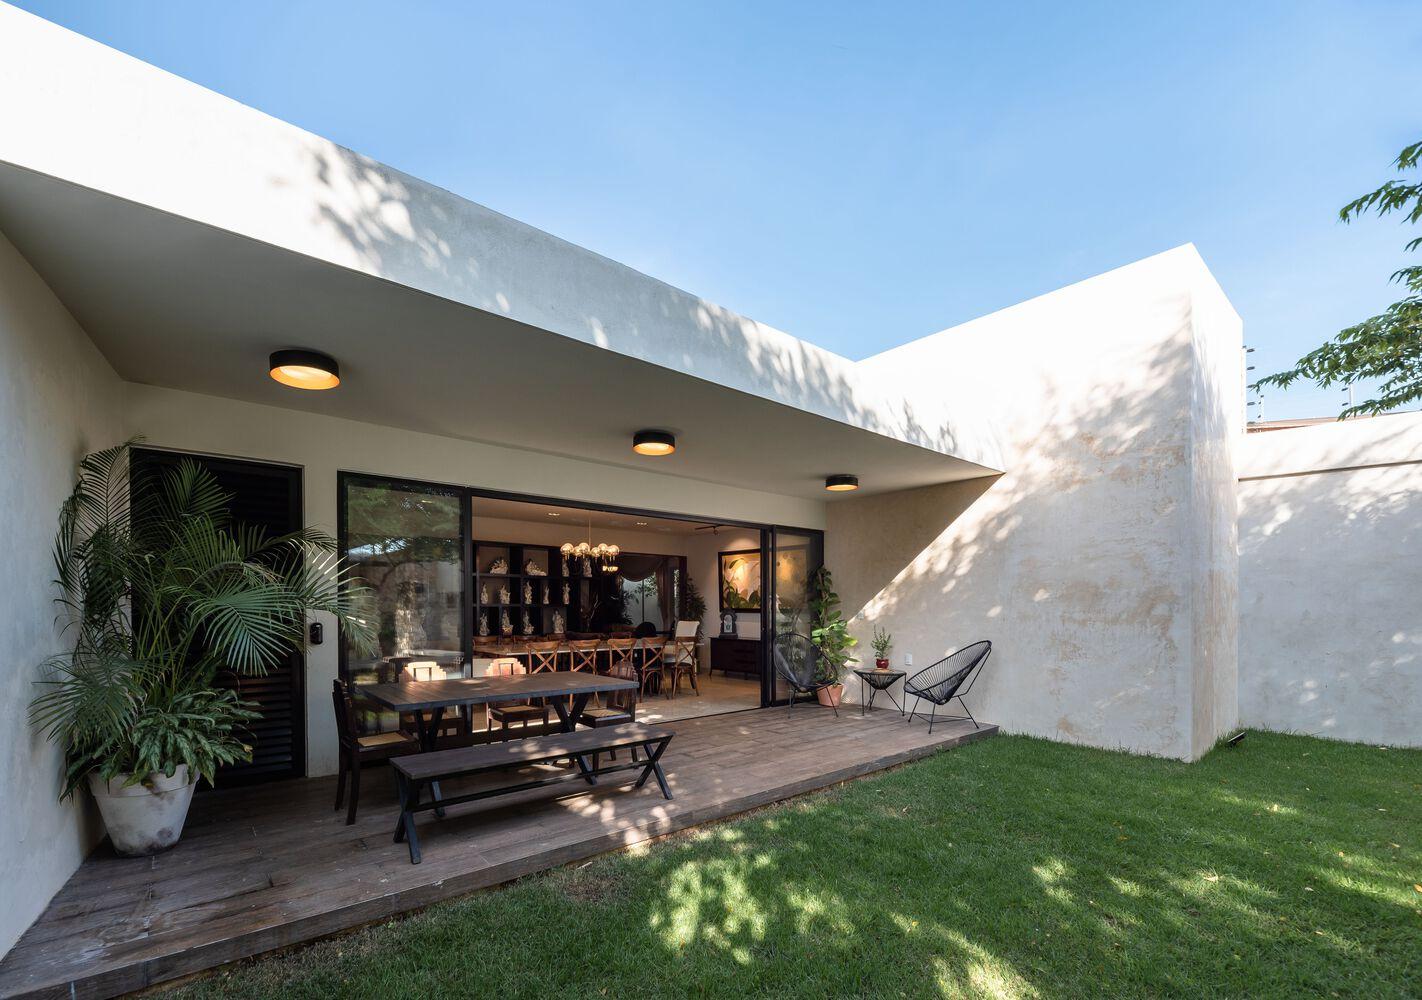 Manolo R. Solís Richaud Arquitectura